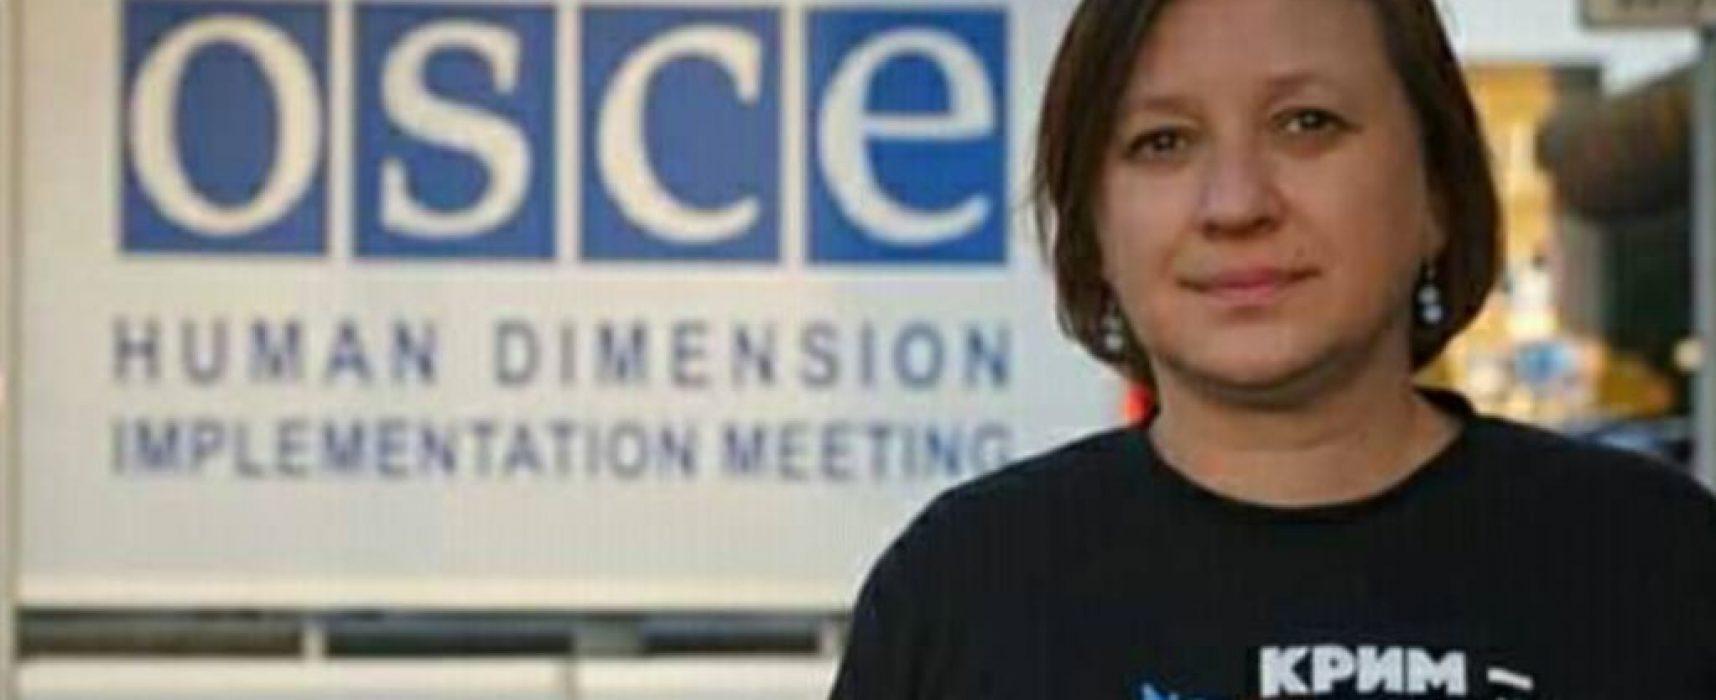 Совещание ОБСЕ превращается в пропагандистскую площадку России ‒ правозащитница